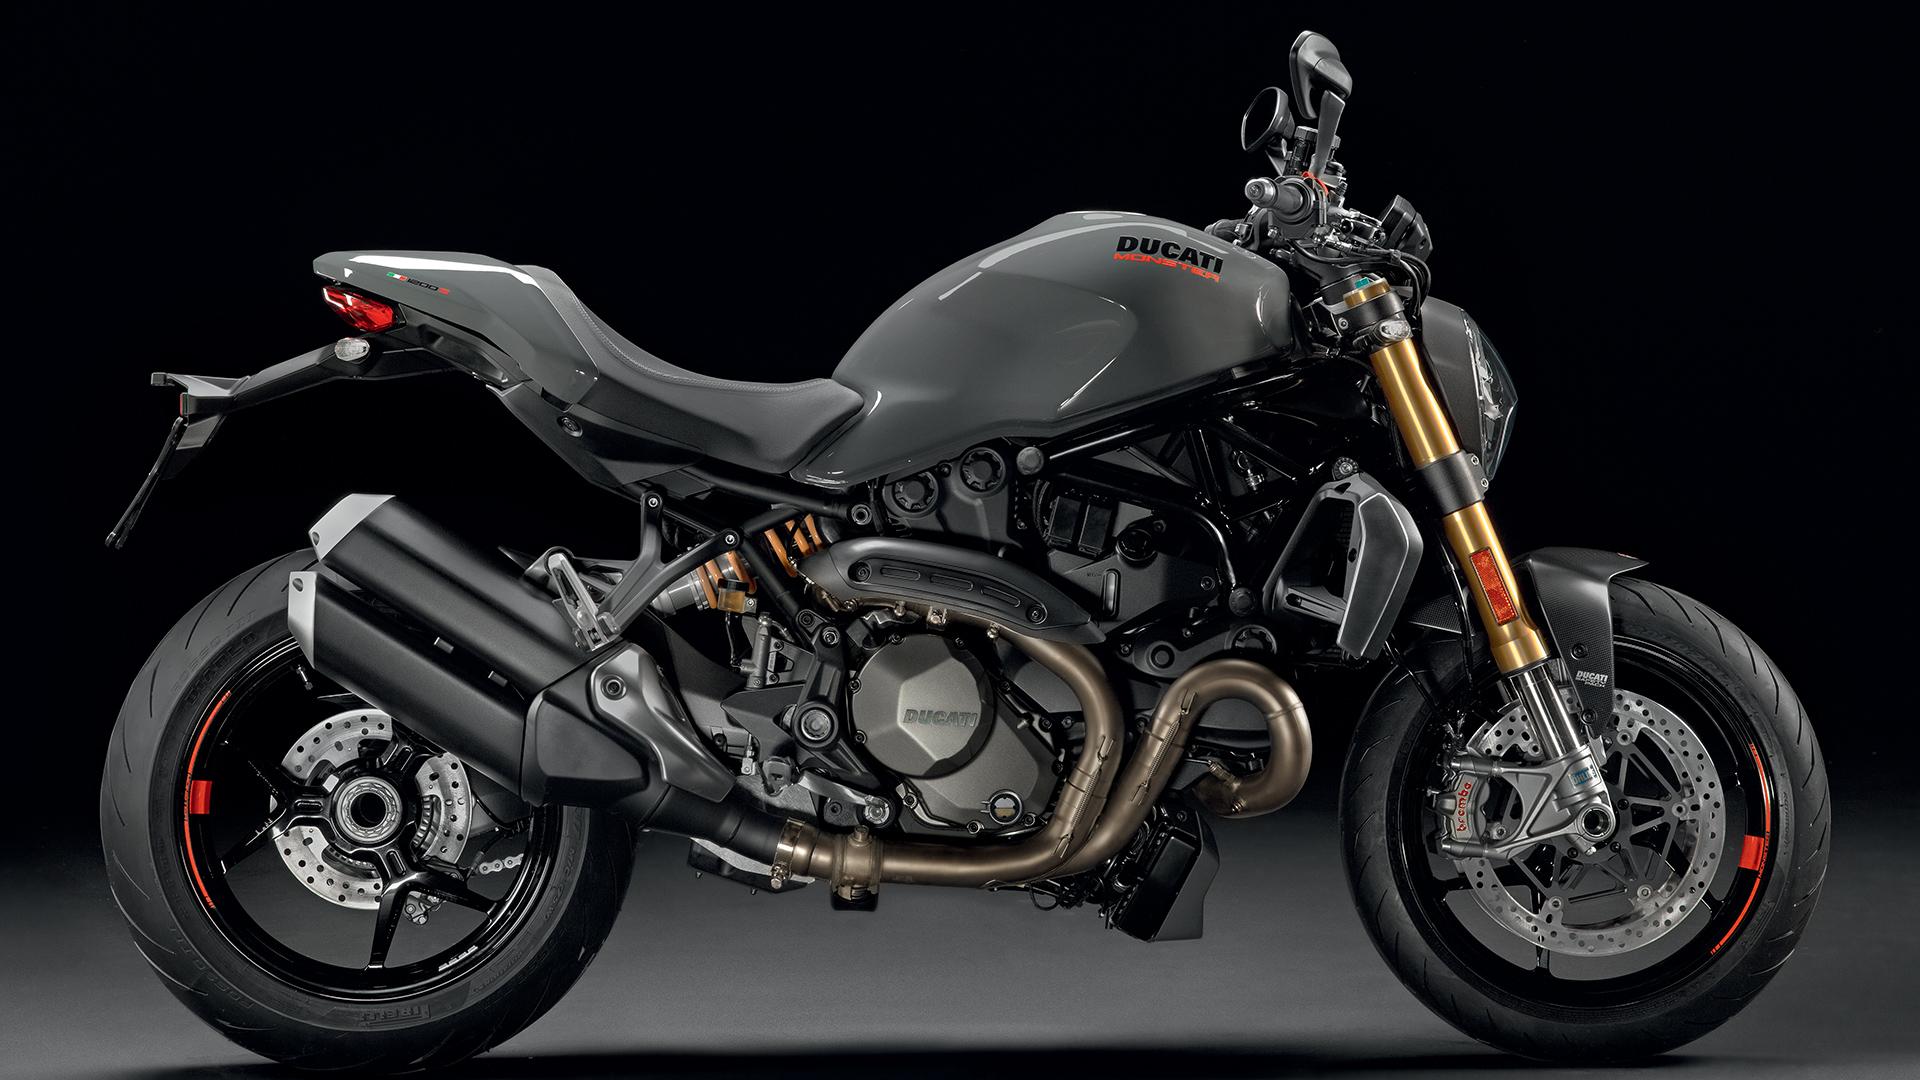 ducati monster 1200 - high performance naked bikes